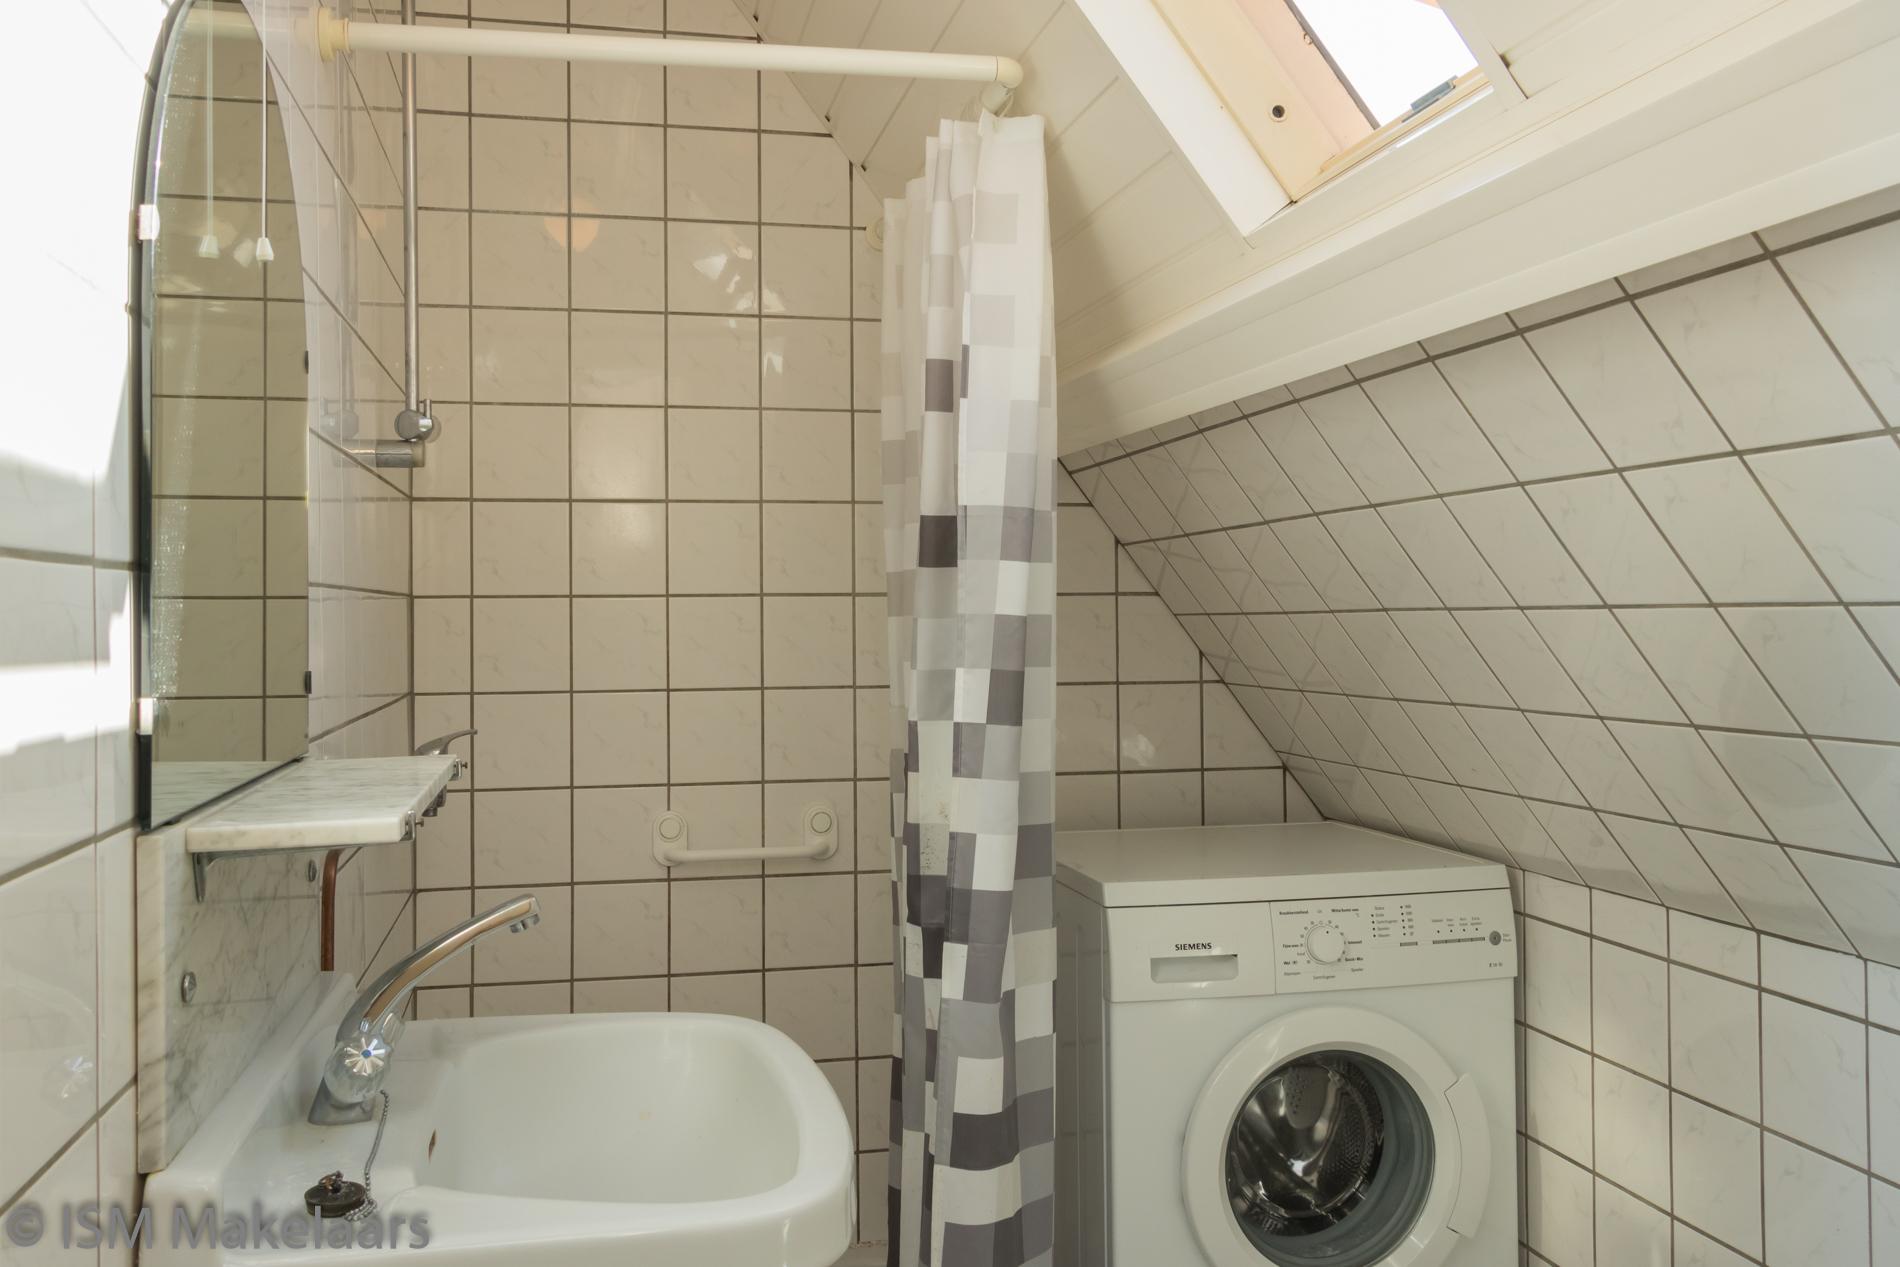 badkamer epelstraat 11 ISM Makelaars